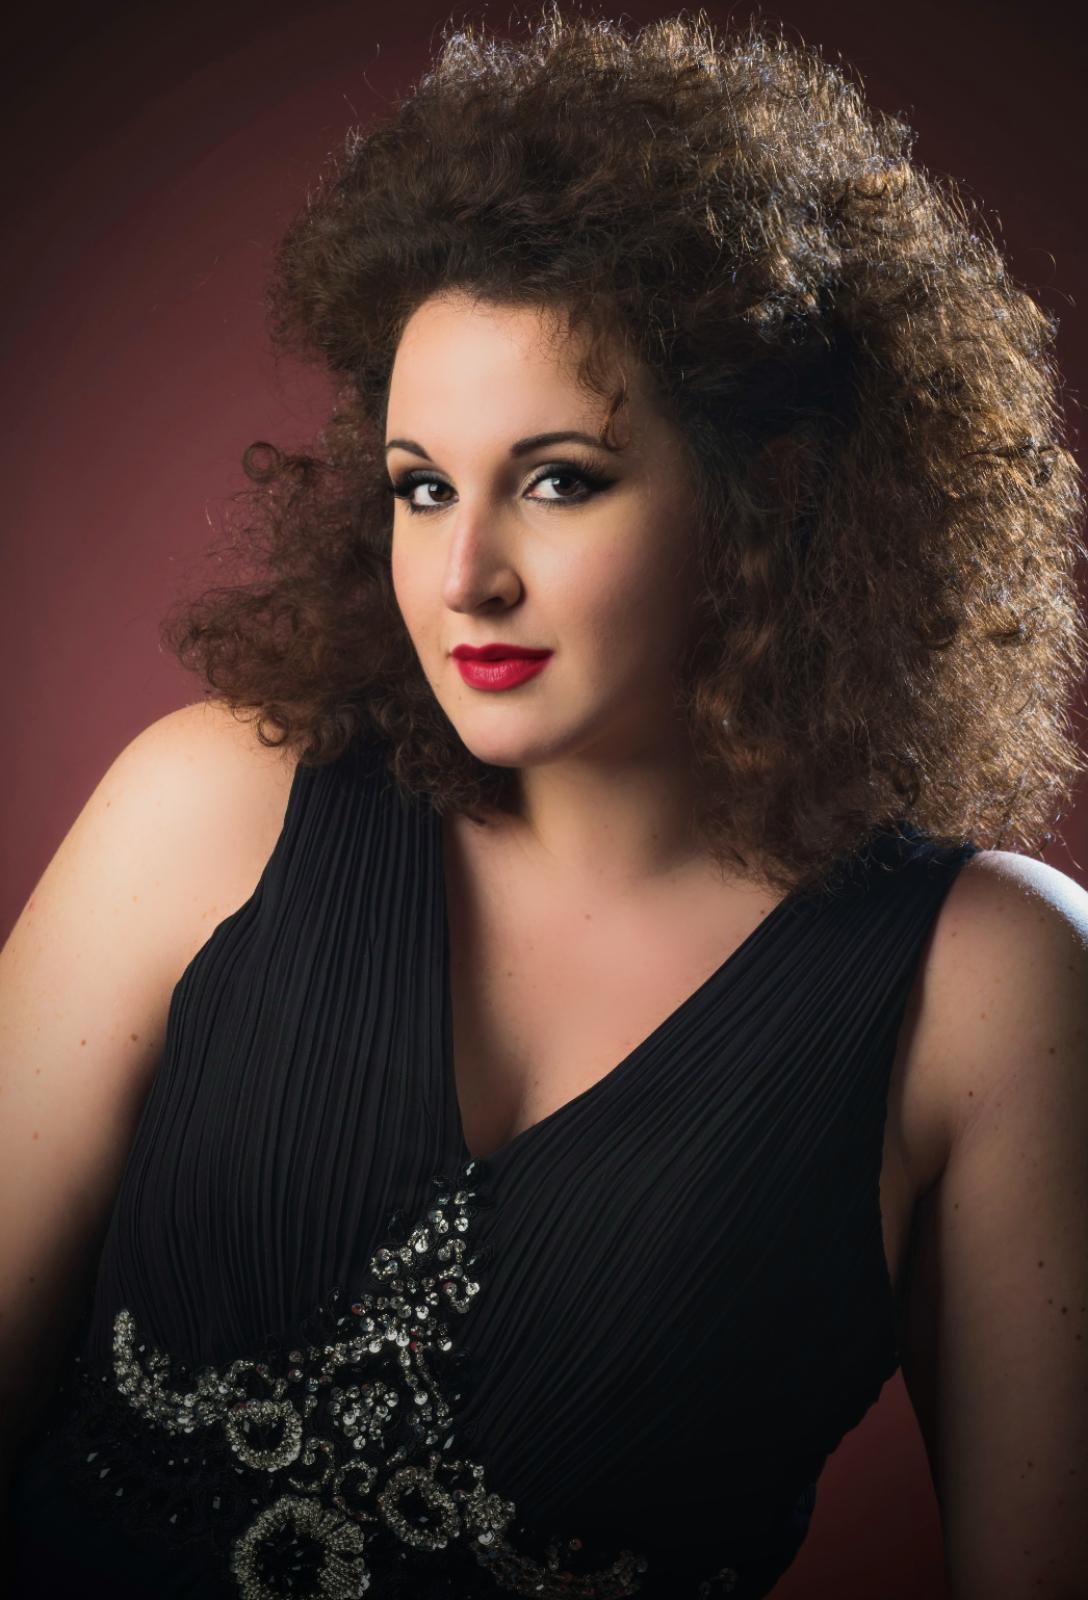 Clarissa Costanzo portrait